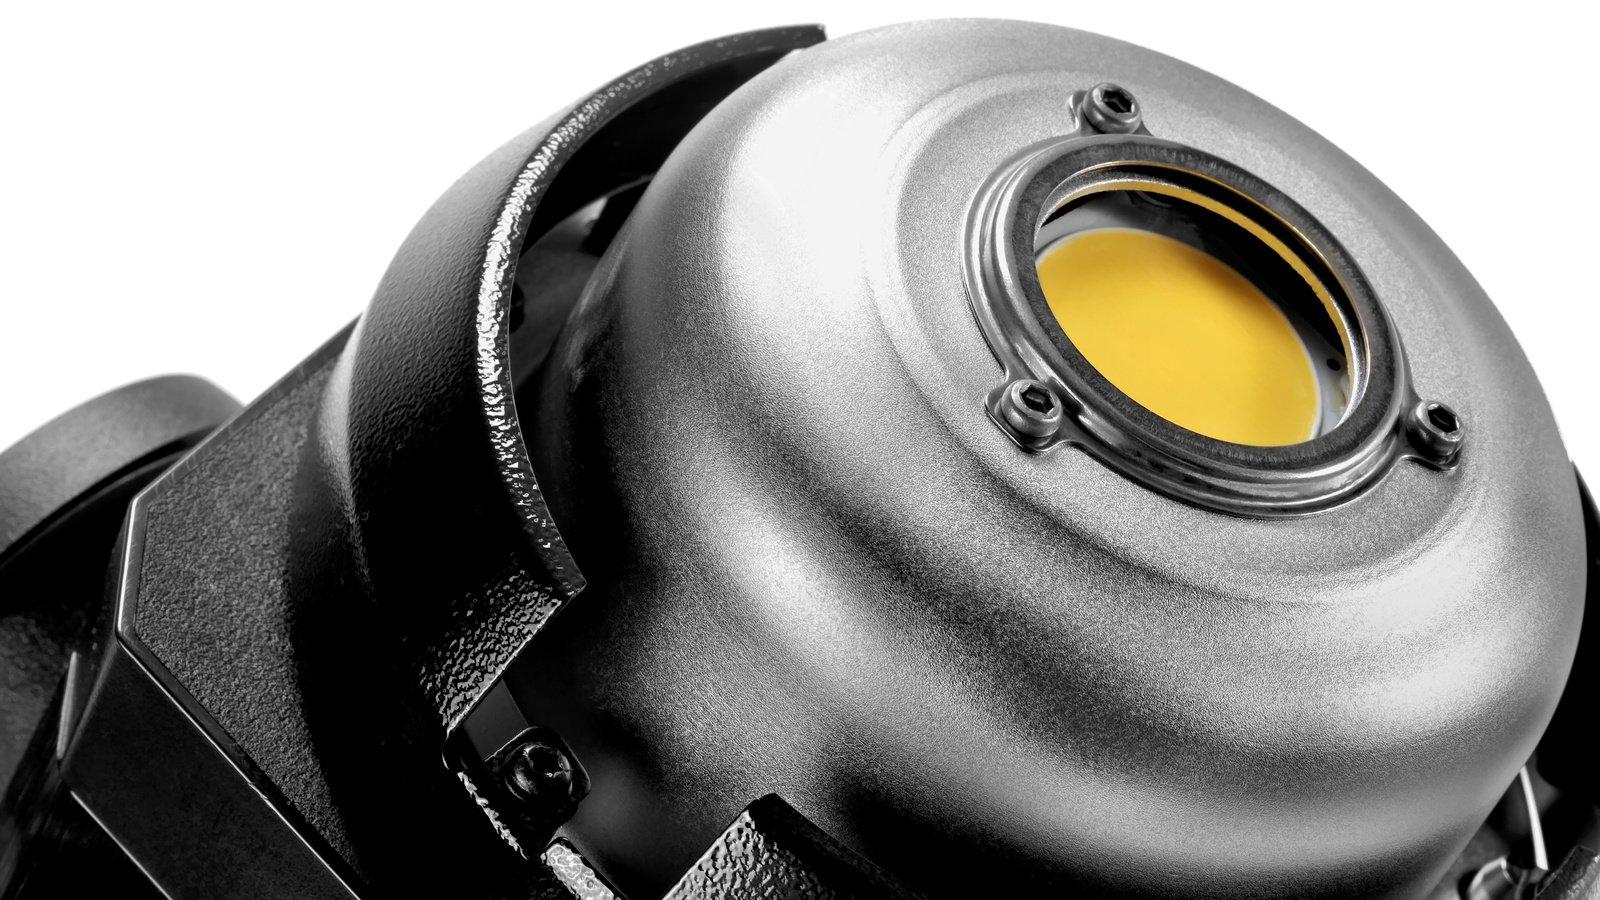 Die Tageslicht SMD wird durch eine Acrylglasscheibe geschützt.